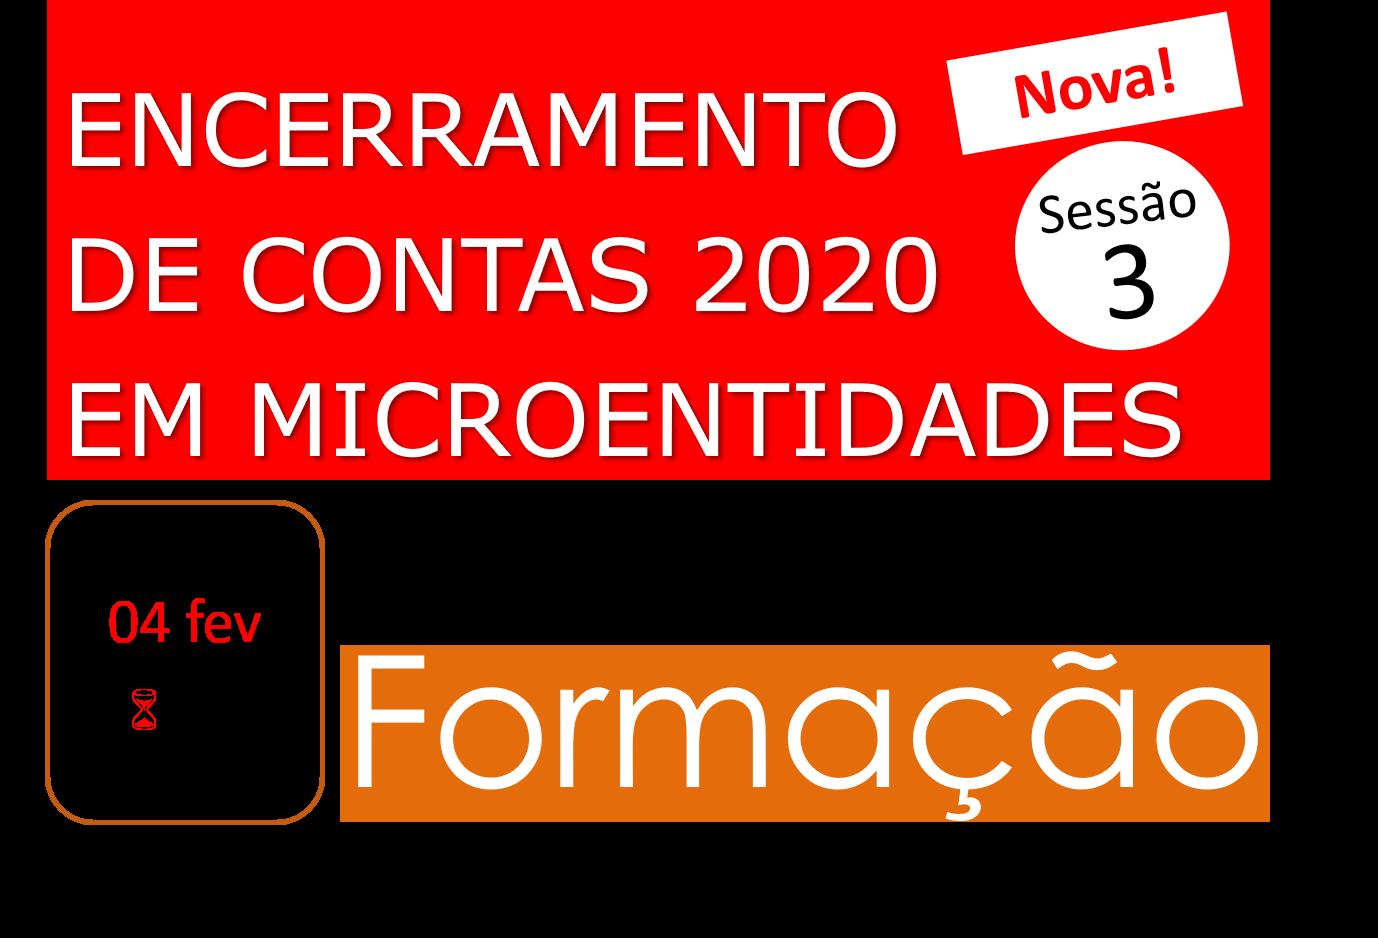 ENCERRAMENTO DE CONTAS 2020 EM MICROENTIDADES - 04/fev